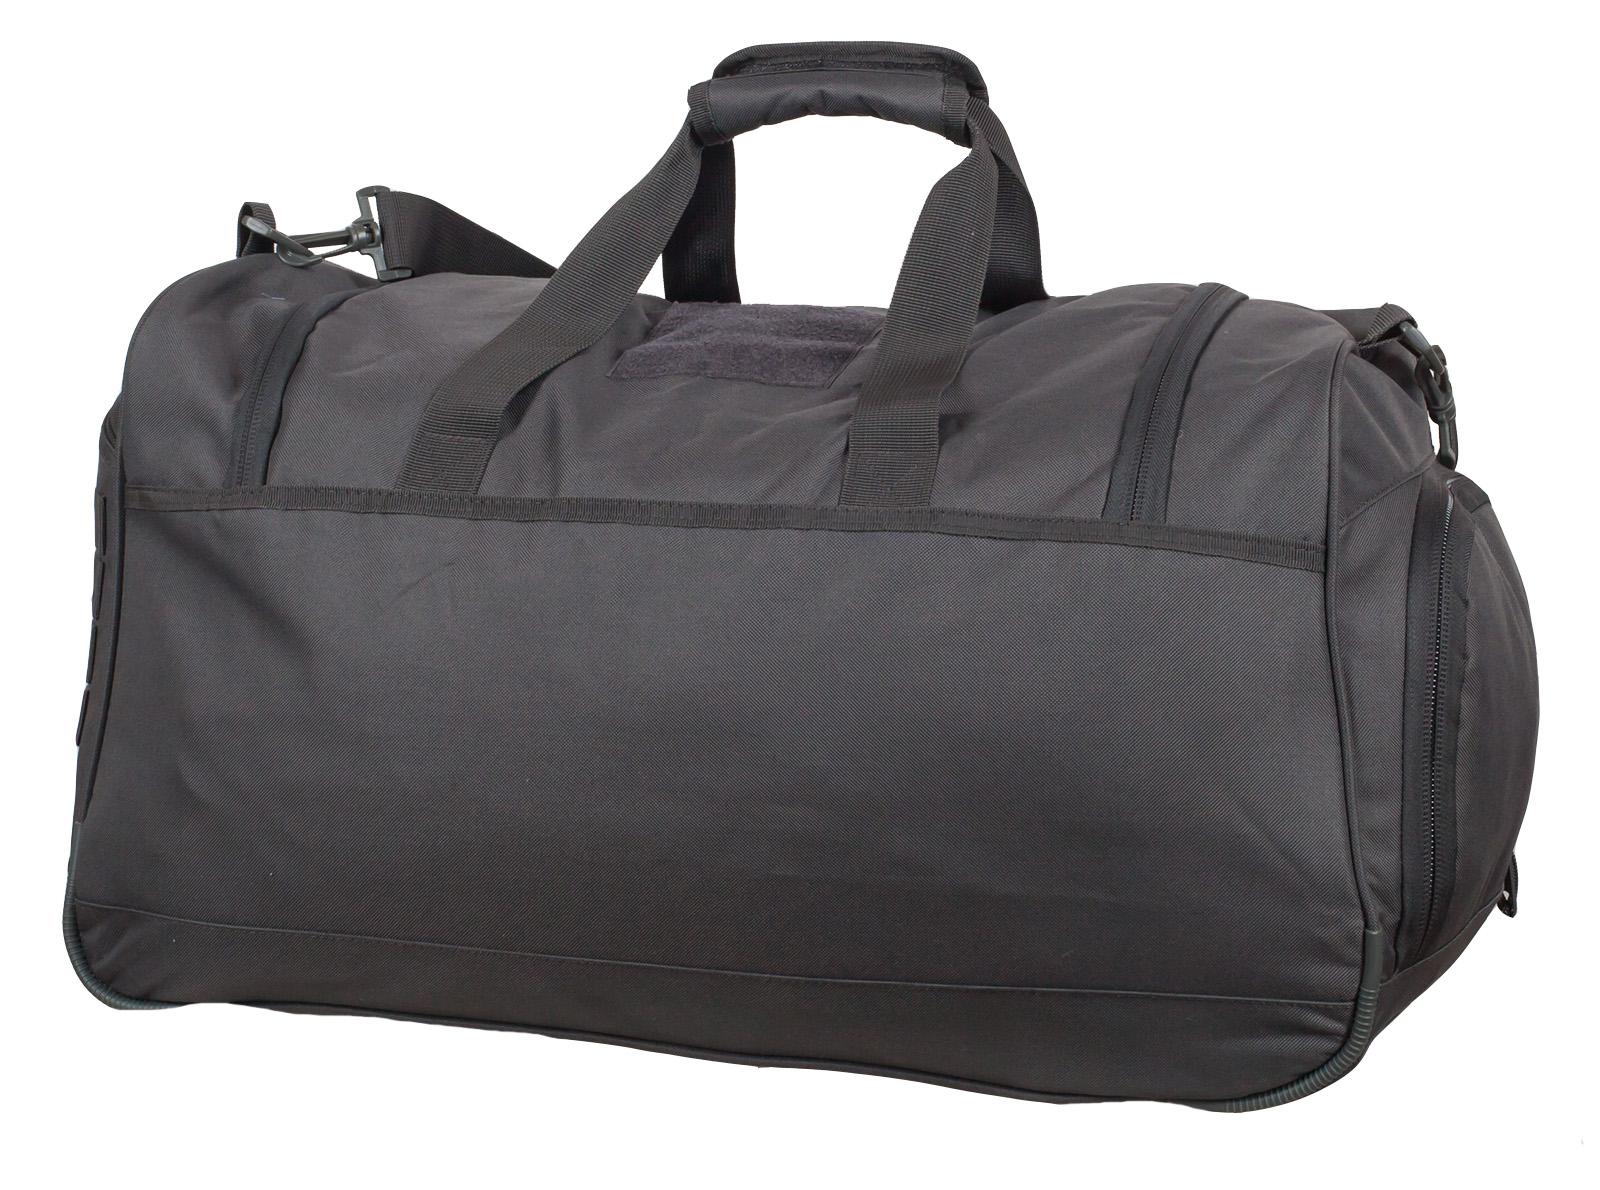 Эргономичная темно-серая сумка с нашивкой ДПС 08032B - купить по низкой цене